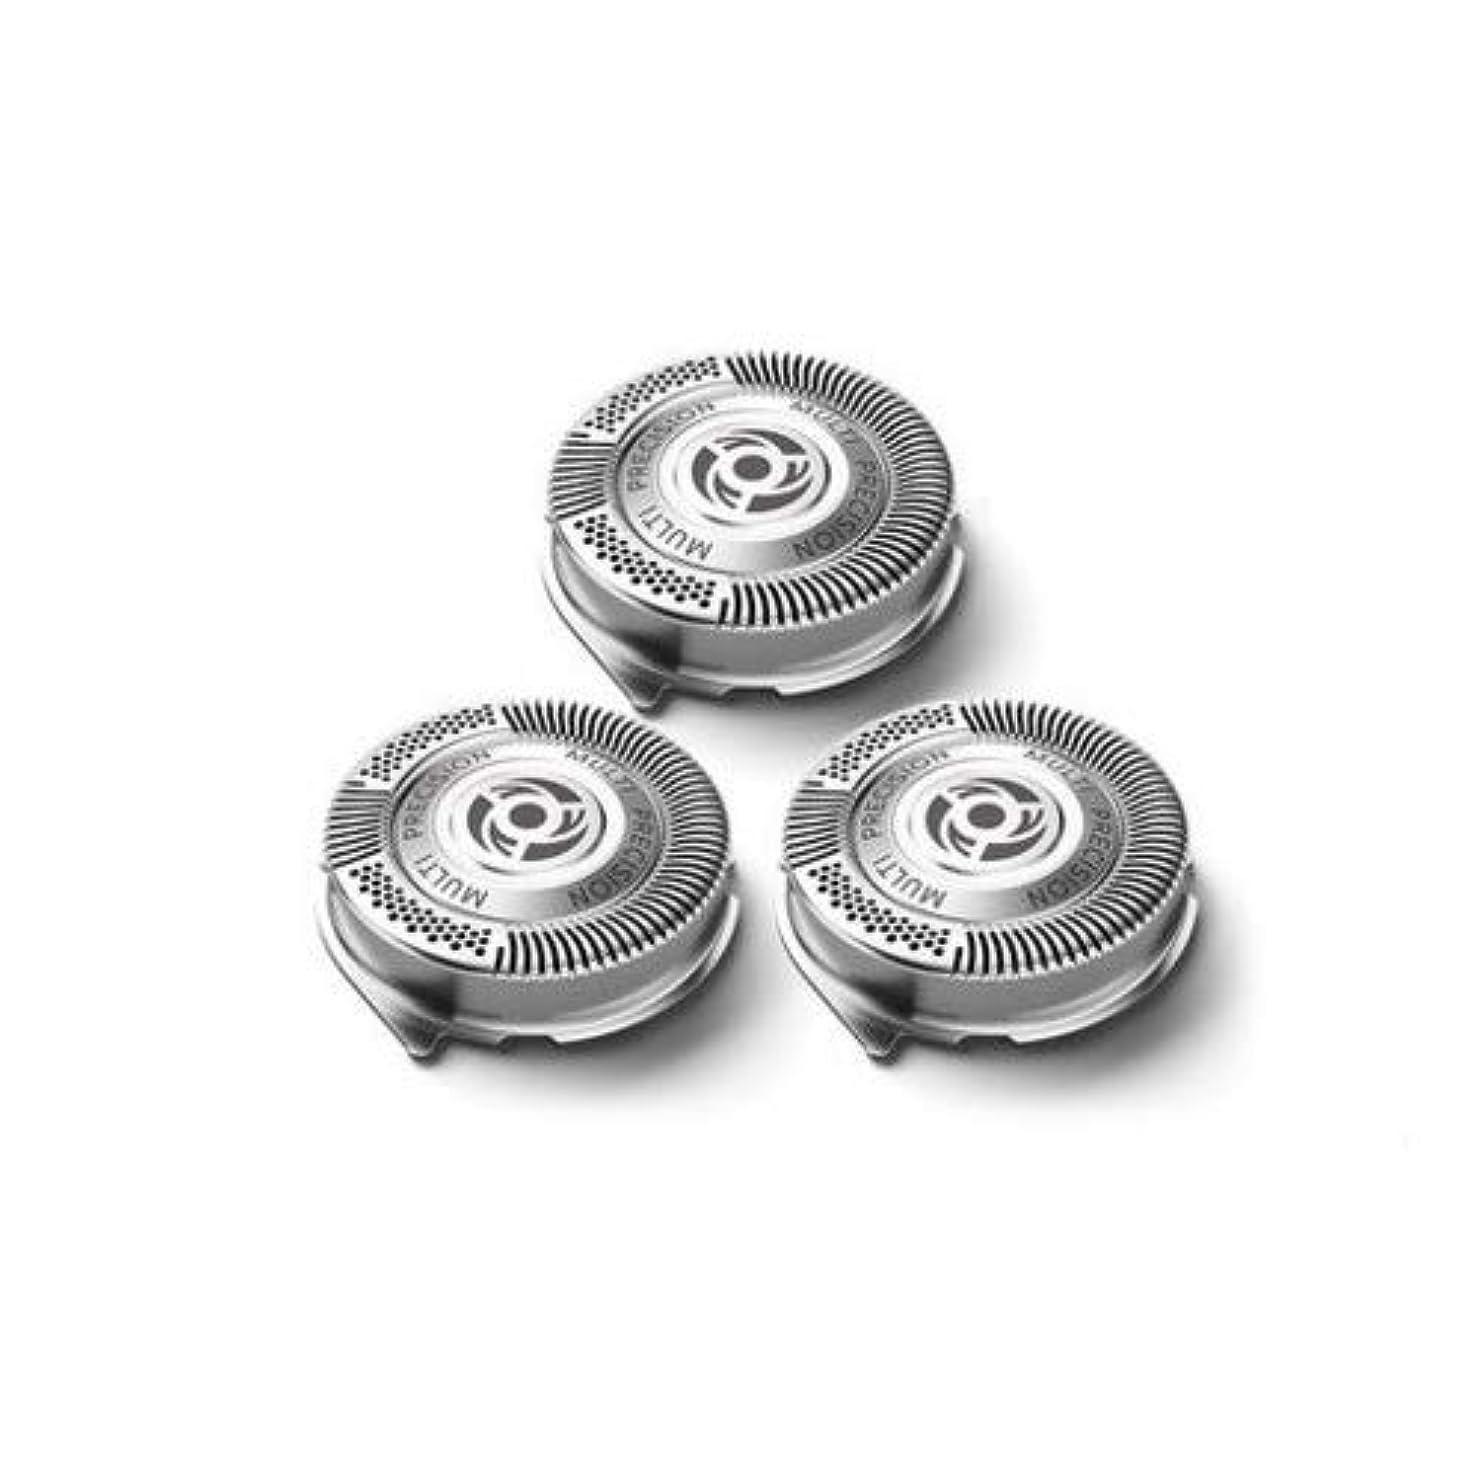 宇宙逃す怠シェーバーカミソリヘッド交換 替え刃 に適用するPhilips SH50 DualPrecisionヘッド(3個)